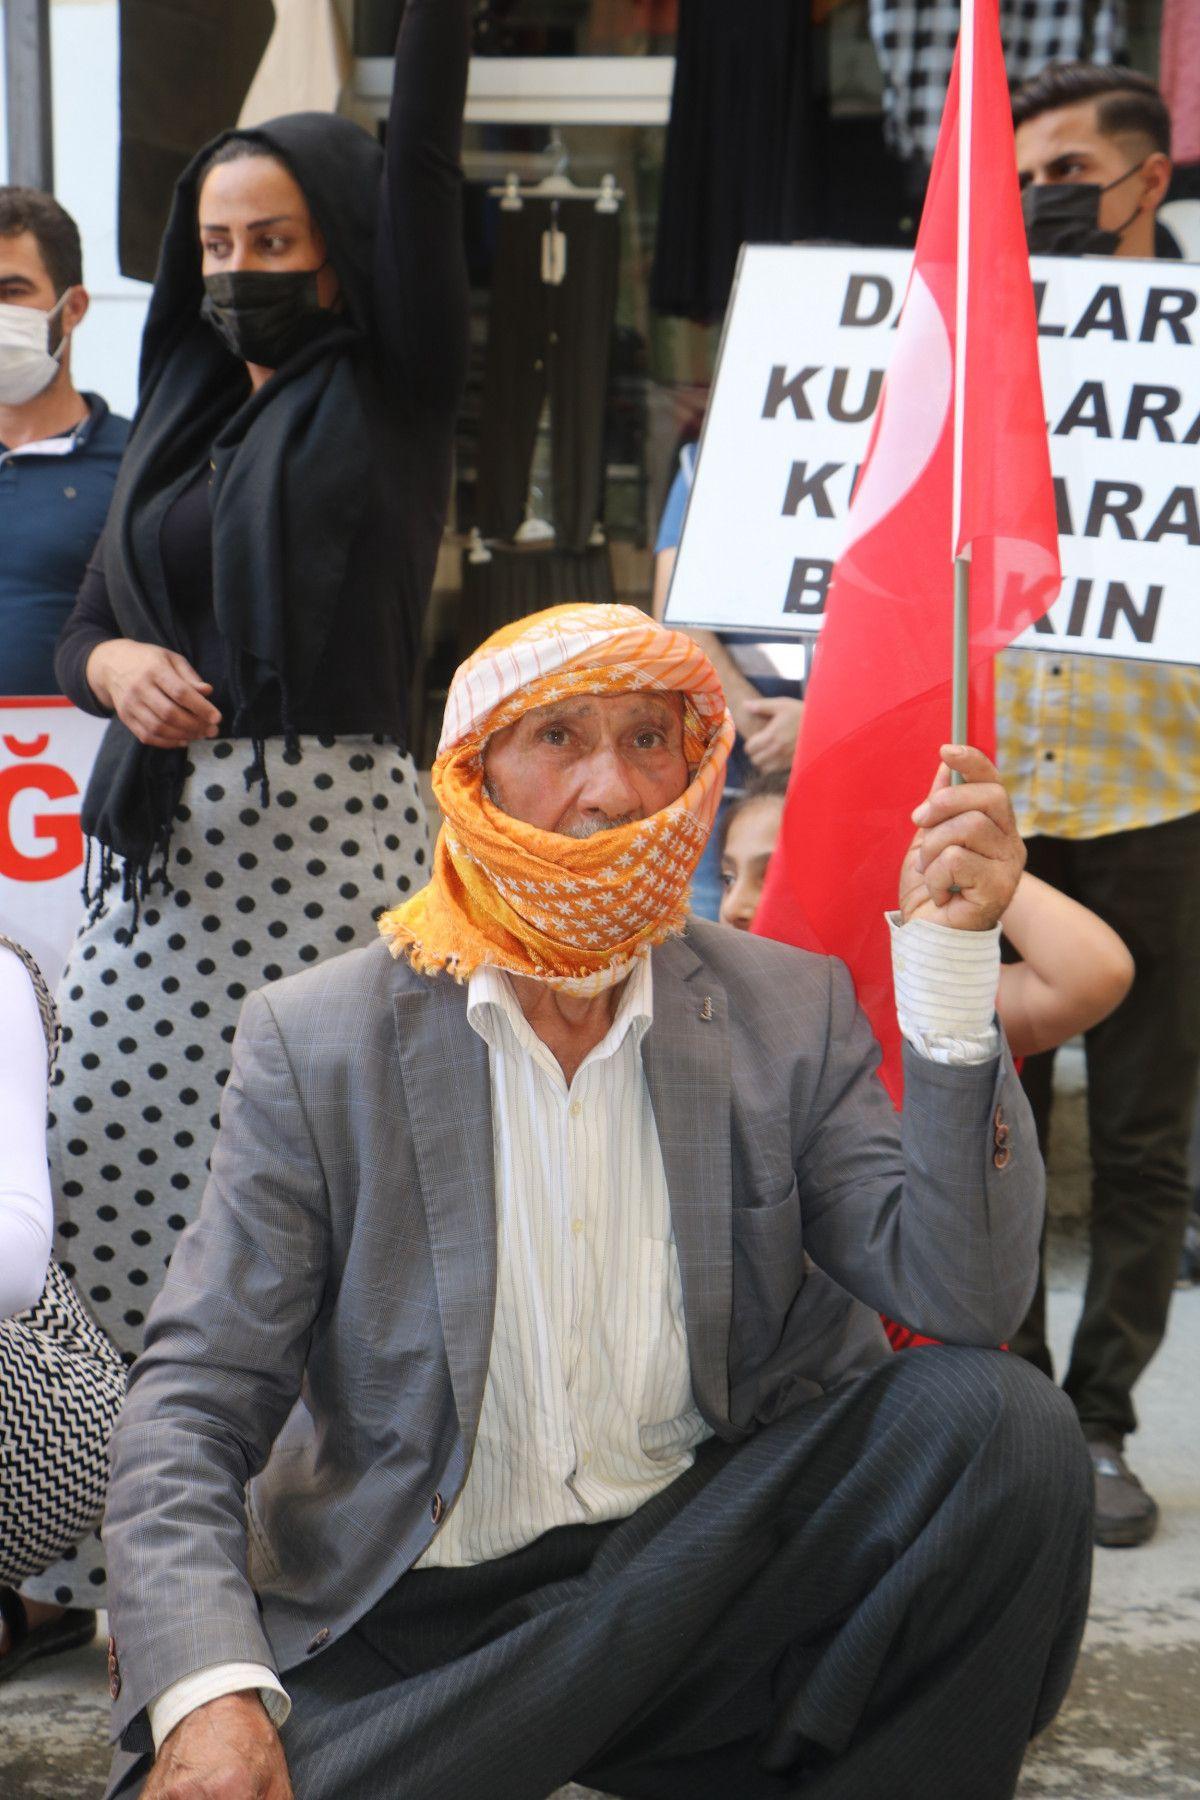 Hakkari de HDP yi protesto eden baba, kızının polis olmak istediğini söyledi #8